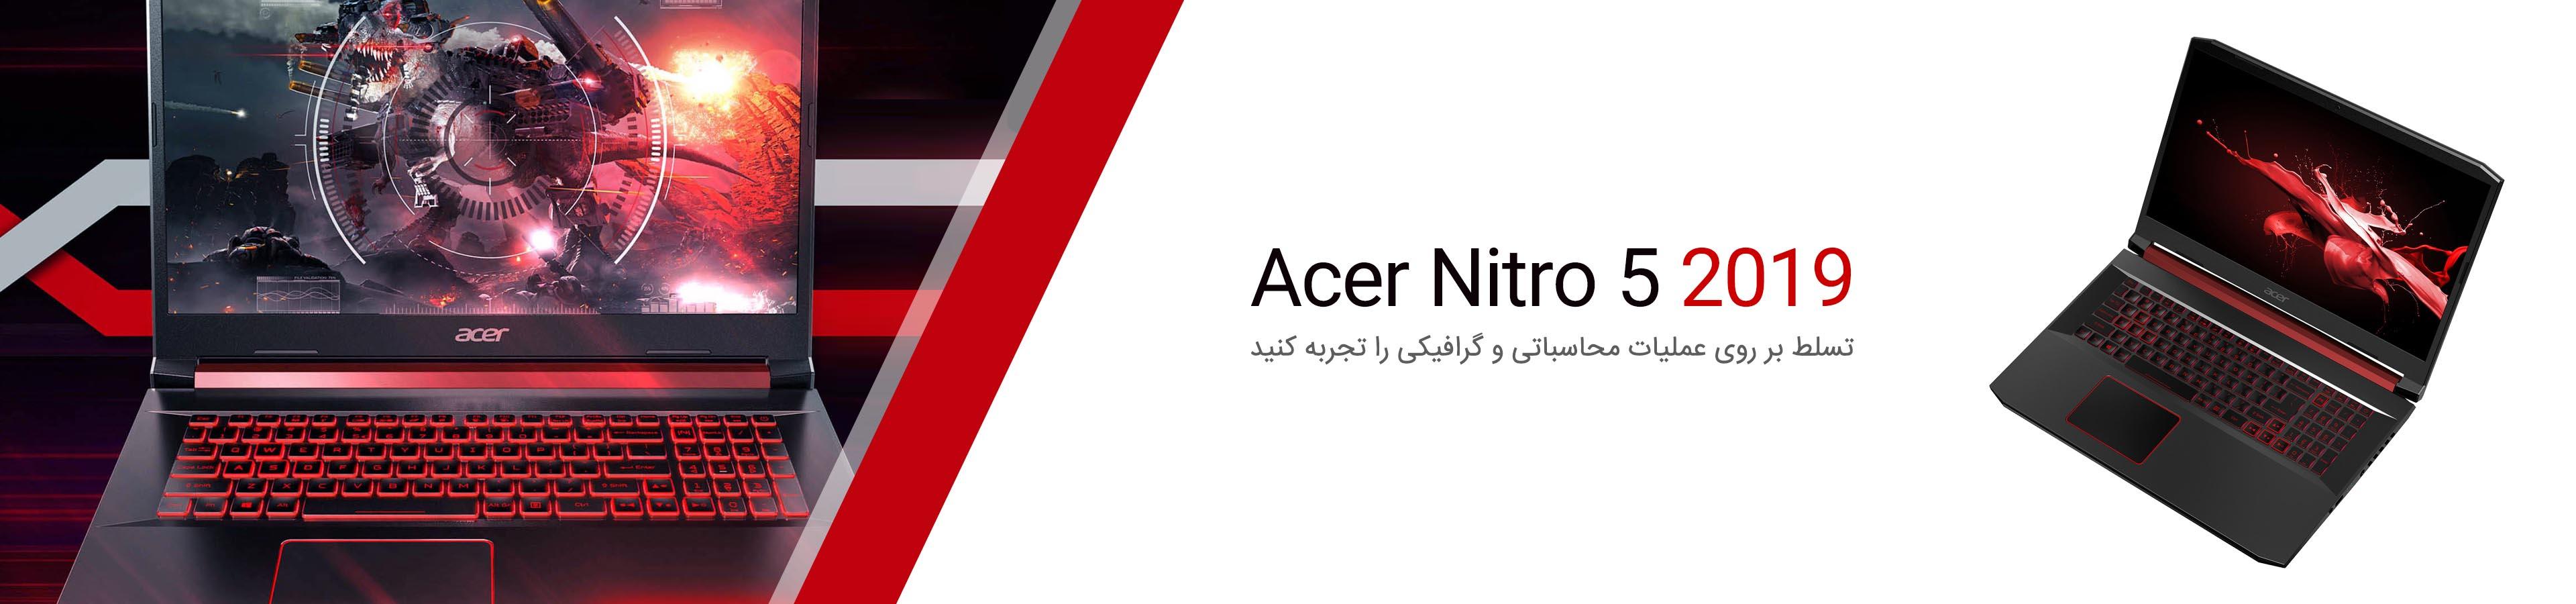 Acer-Nitro5